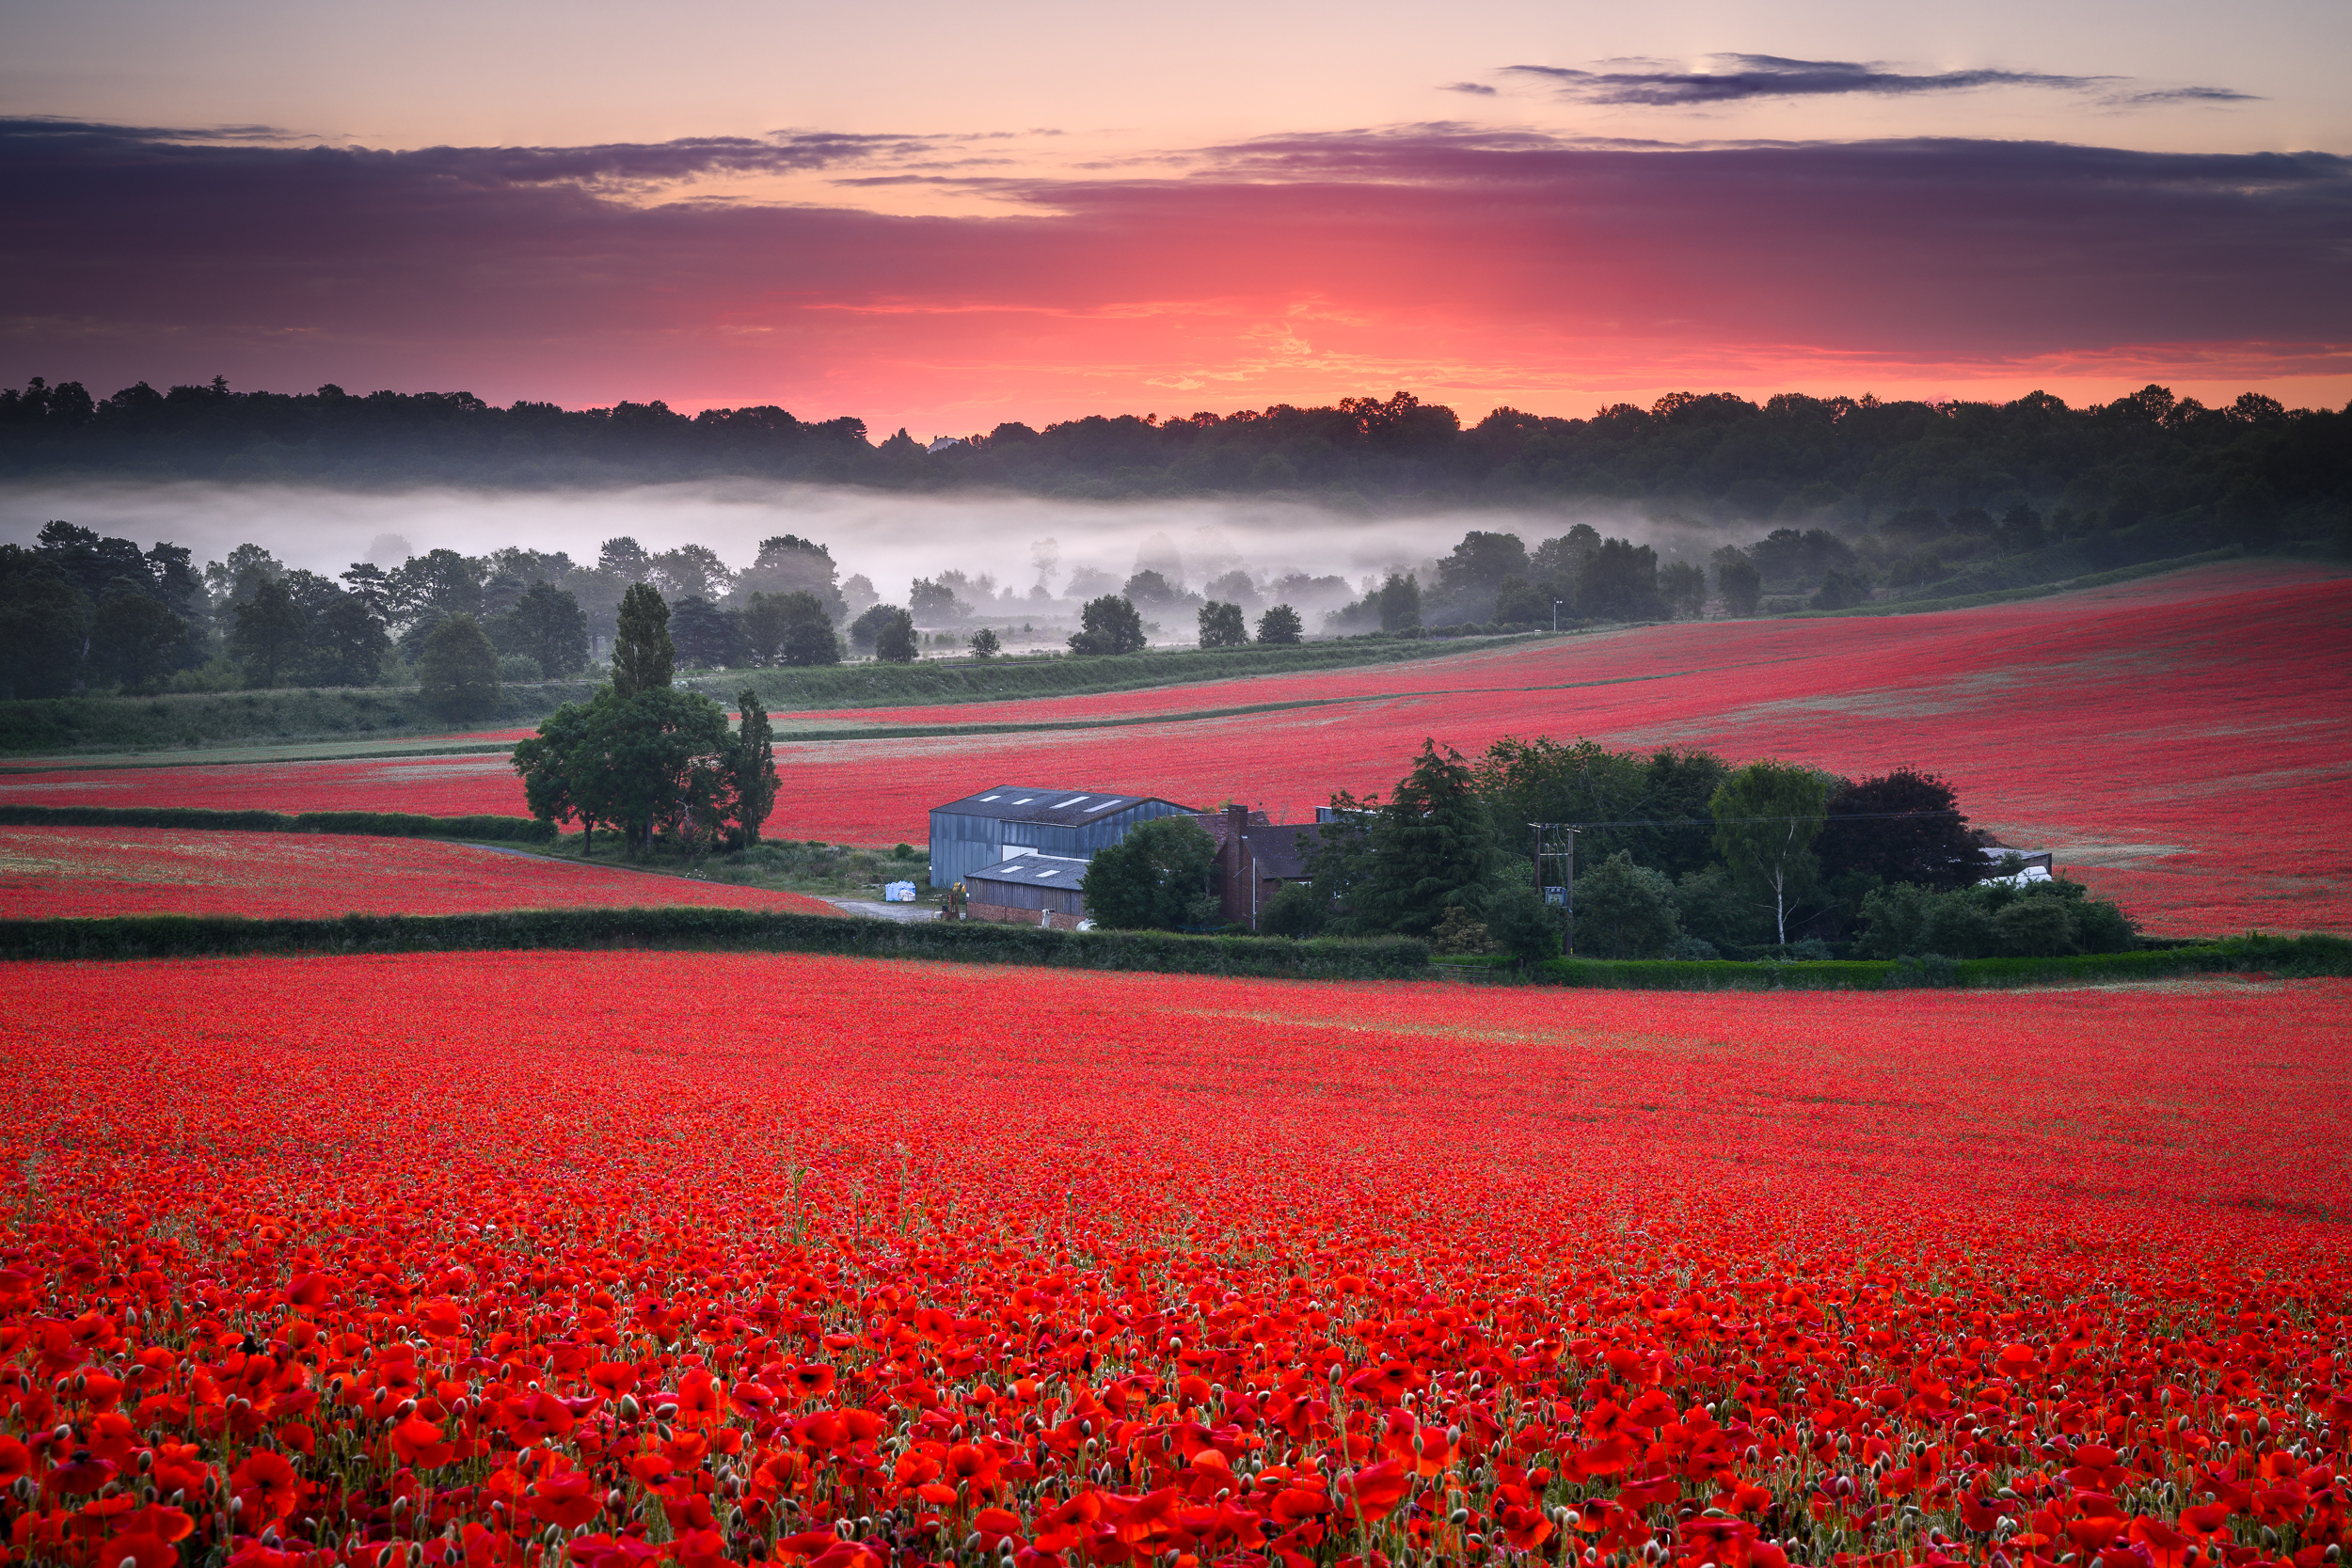 UK Landscapes - Midlands